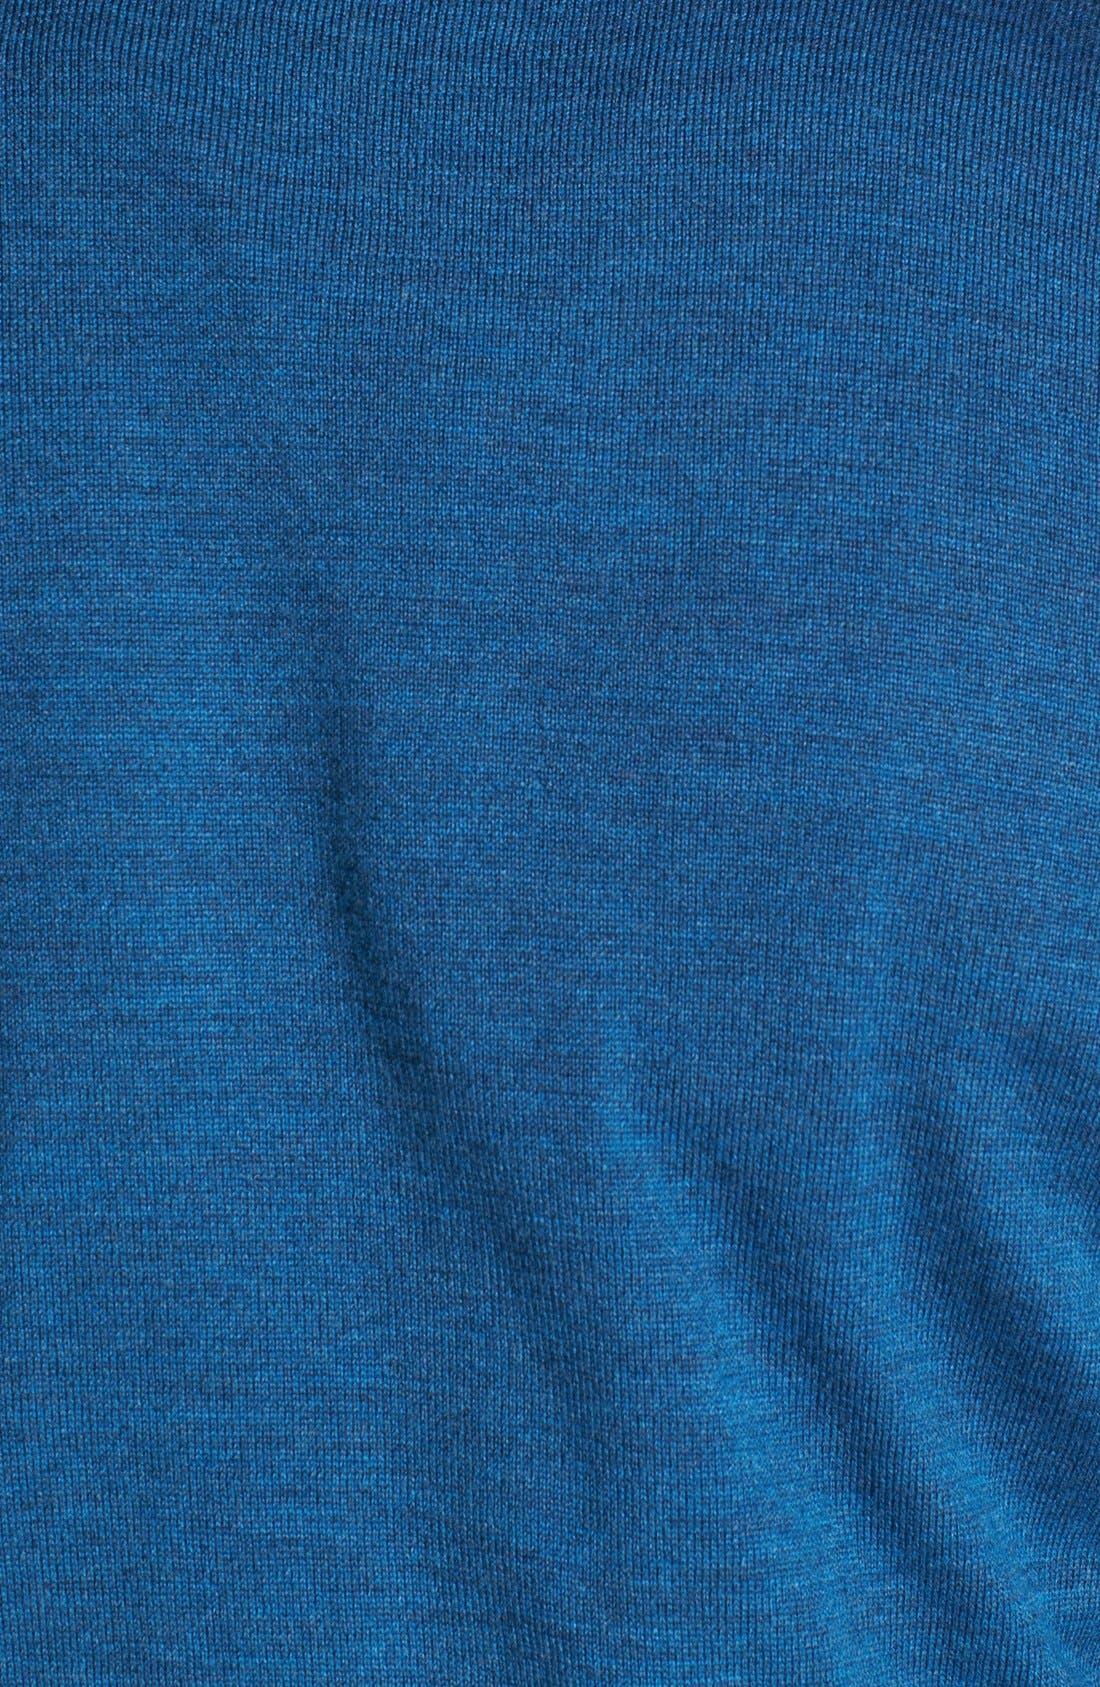 Alternate Image 3  - Jack Spade 'Brockman' Colorblock Cardigan